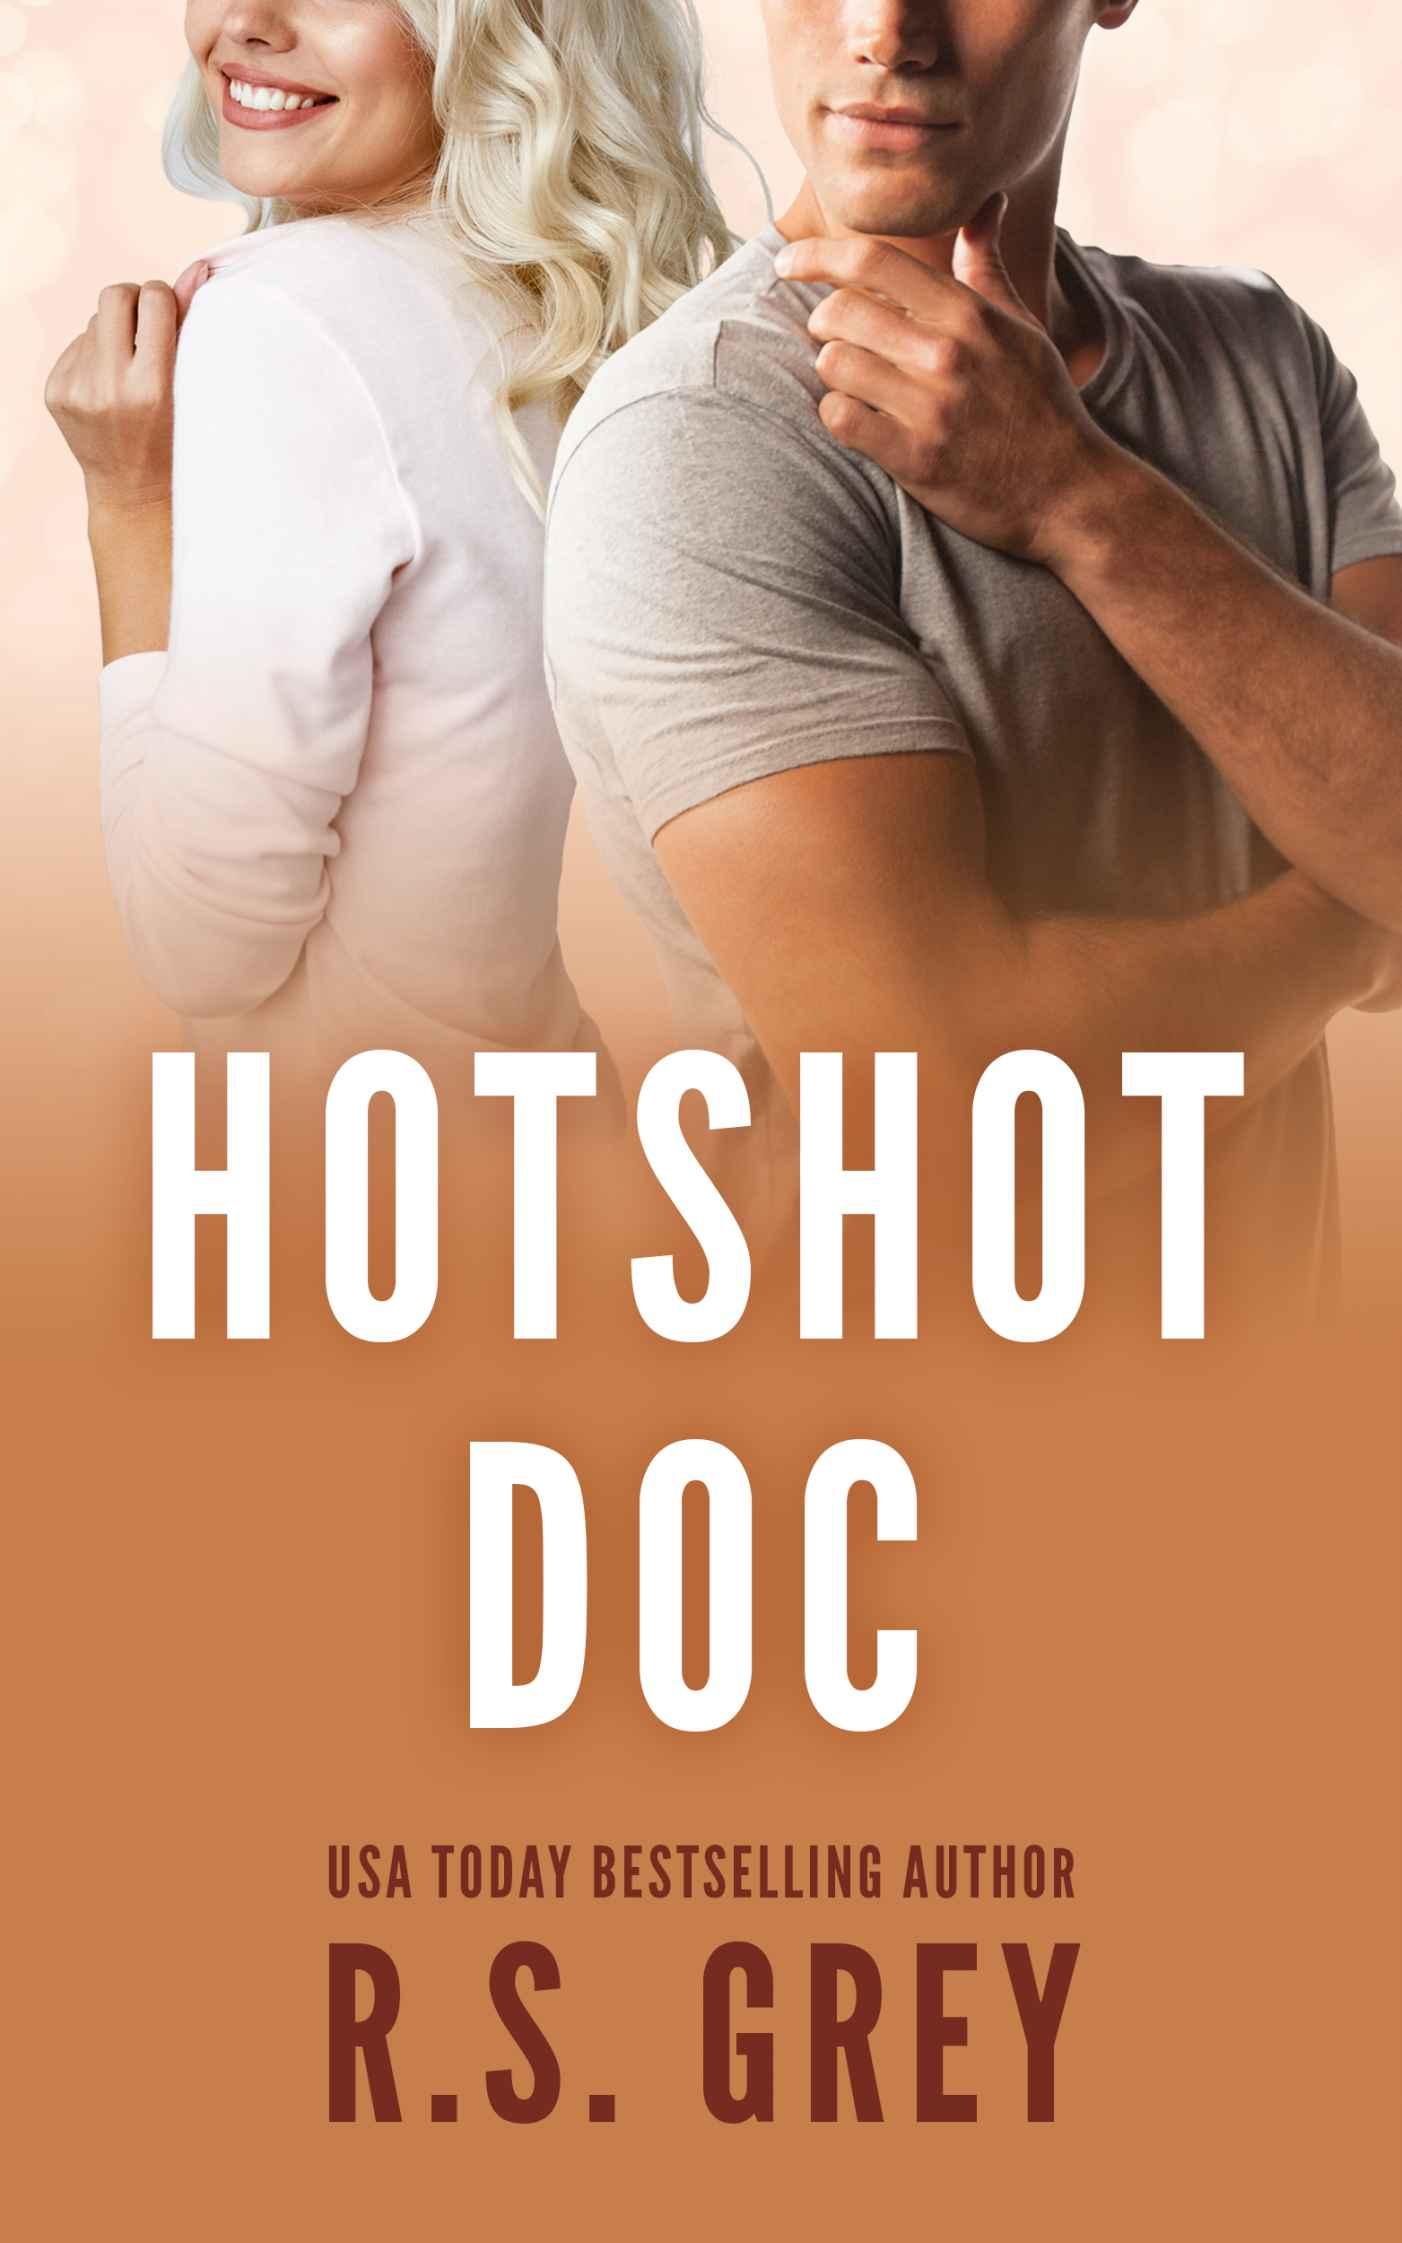 Hotshot Doc - R.S. Grey [kindle] [mobi]